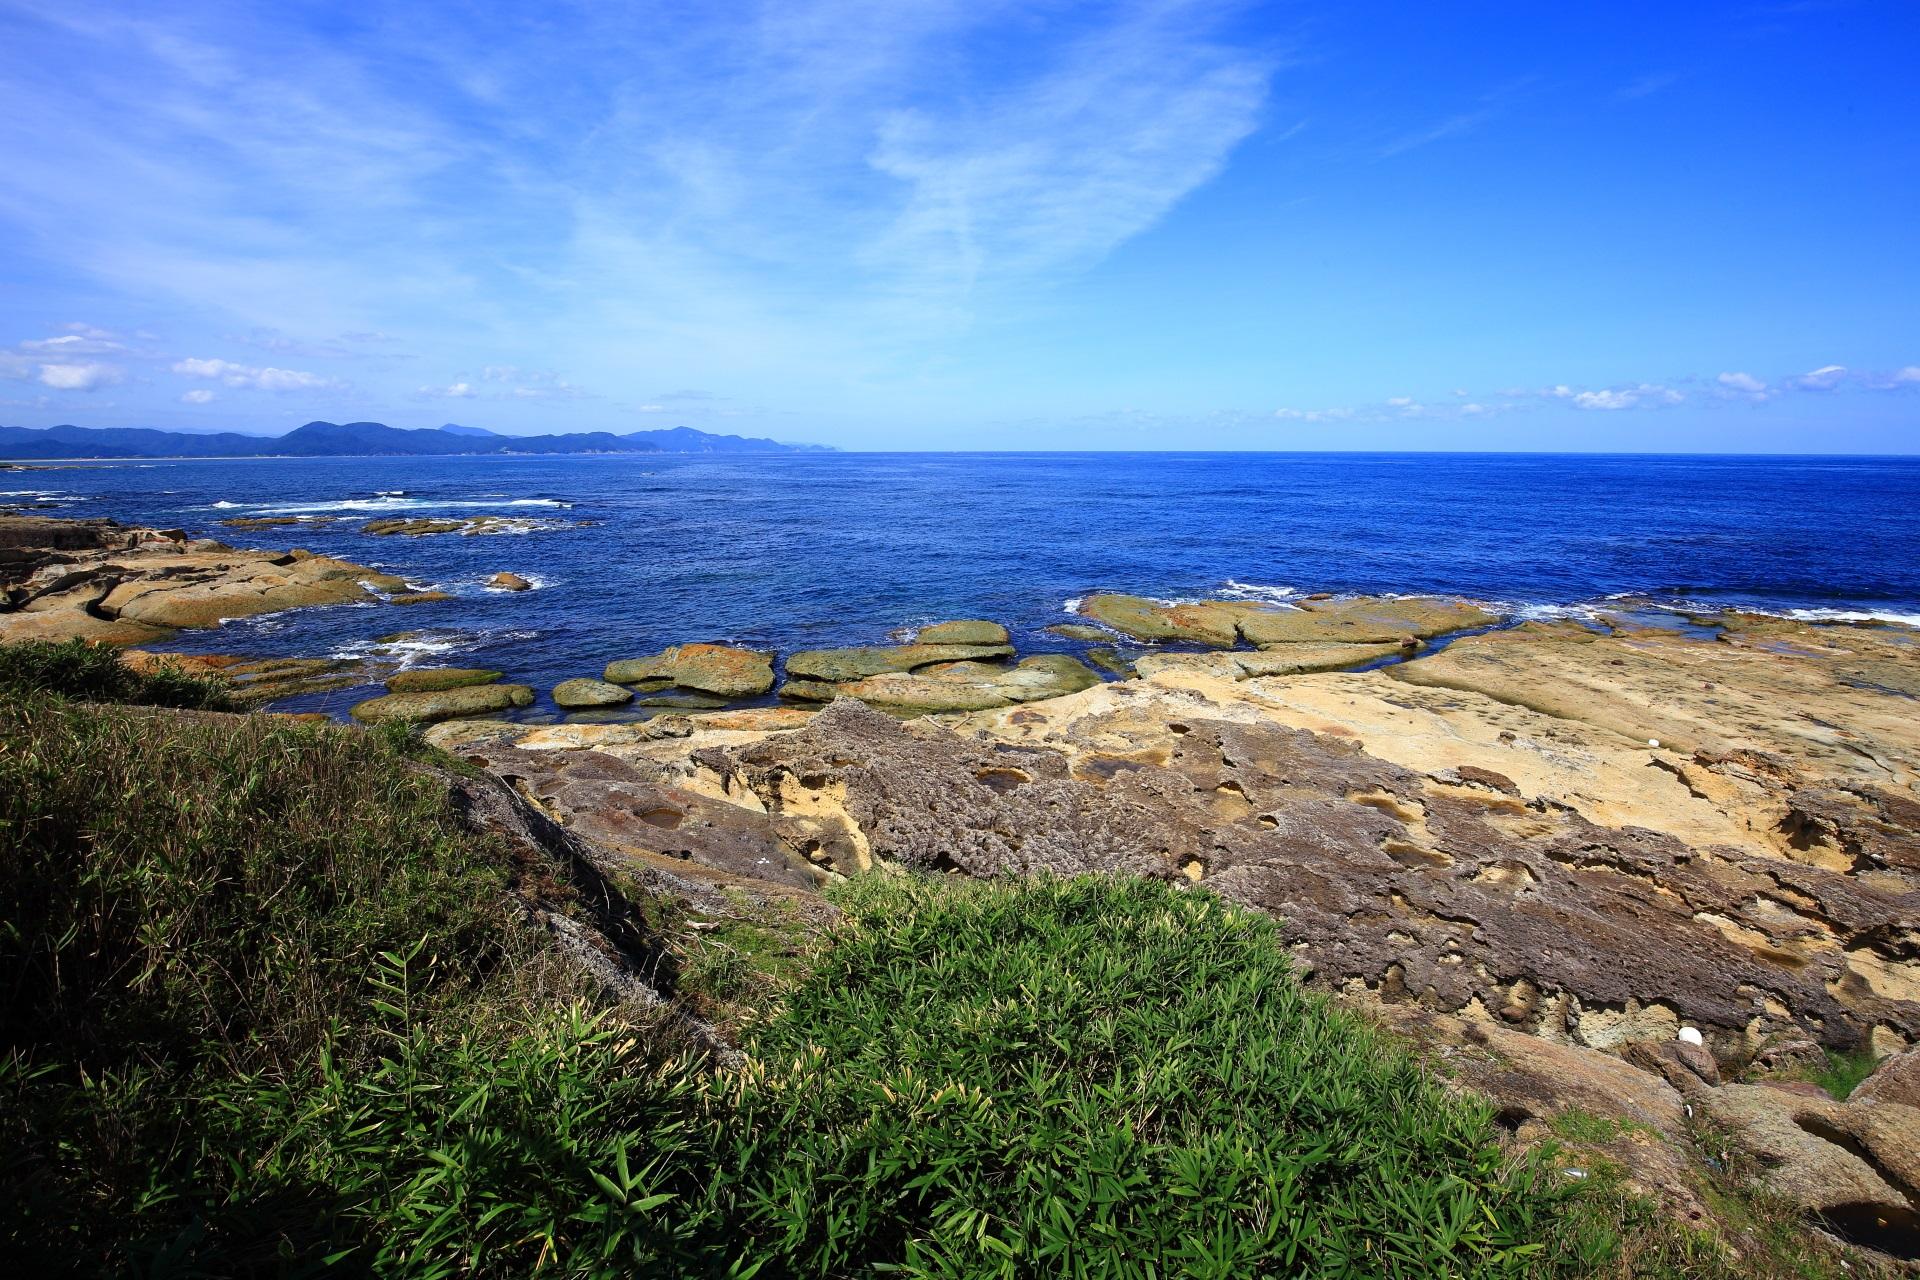 夕日ヶ浦や久美浜方面の五色浜の海と岩場